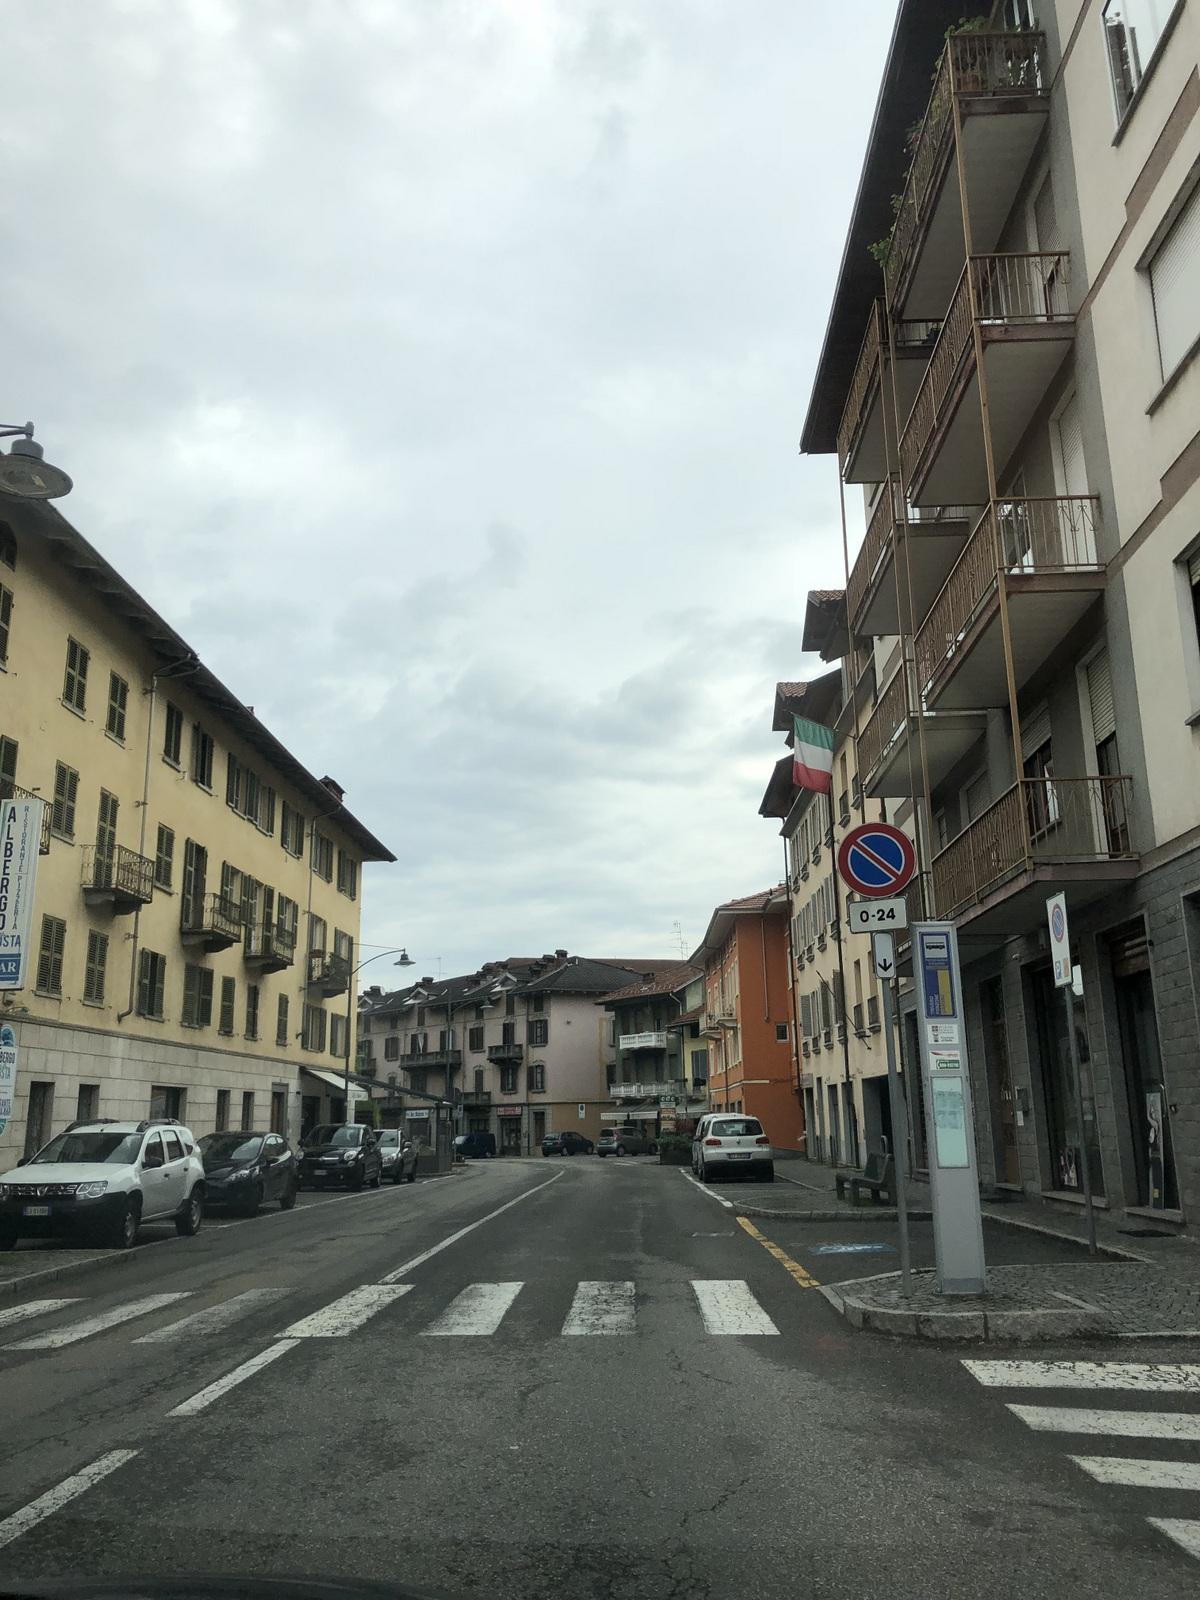 Trivero Italy